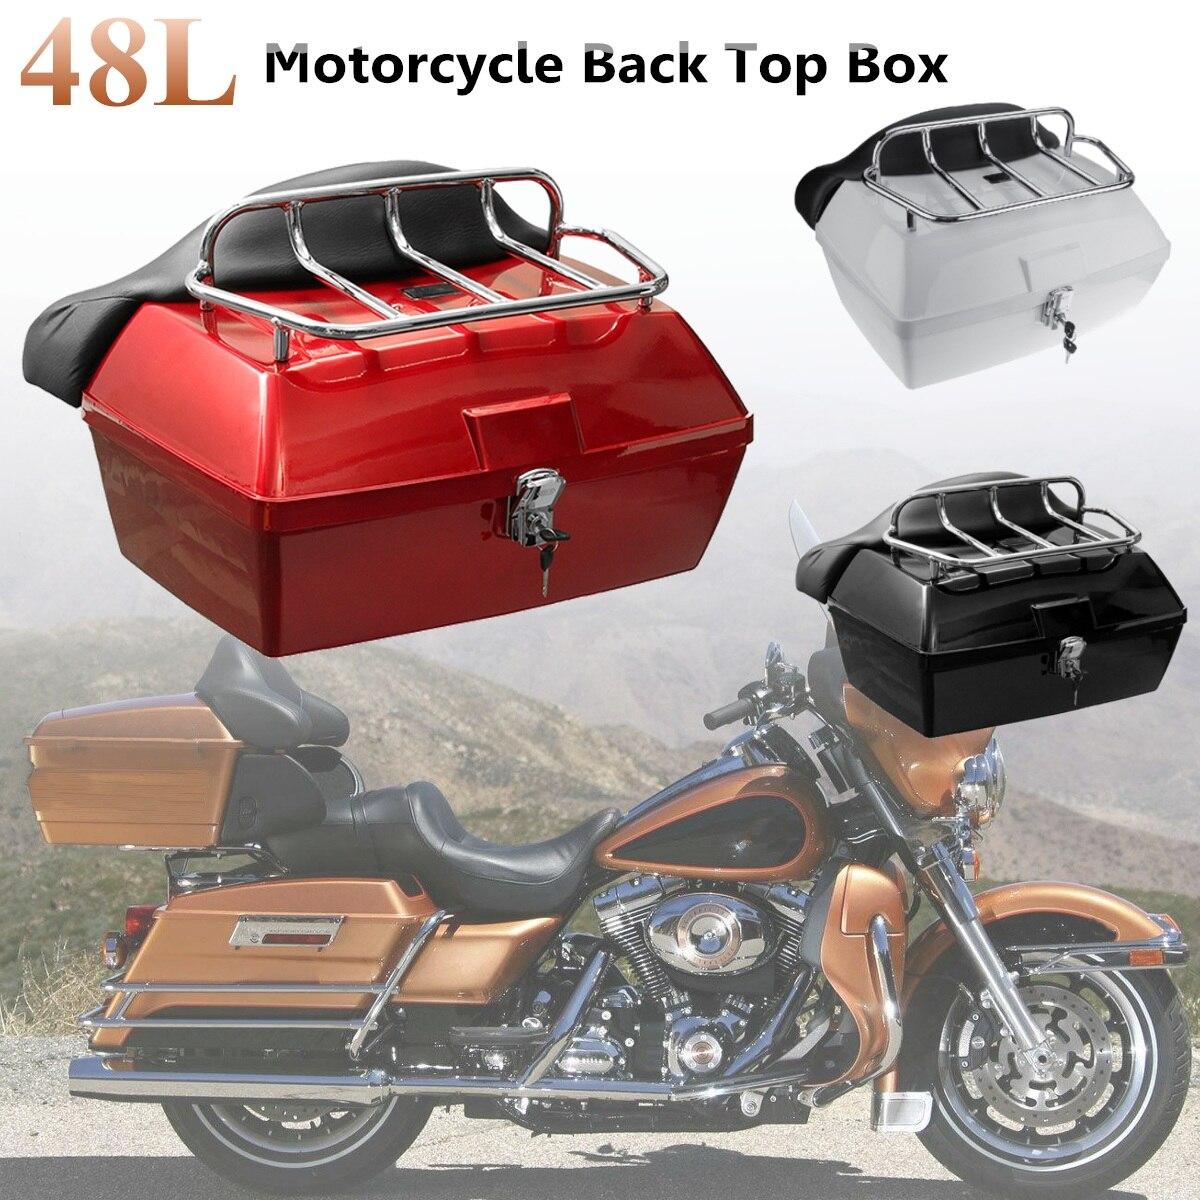 48L universel moto boîte de rangement arrière queue bagages coffre boîte à outils Scooter moto